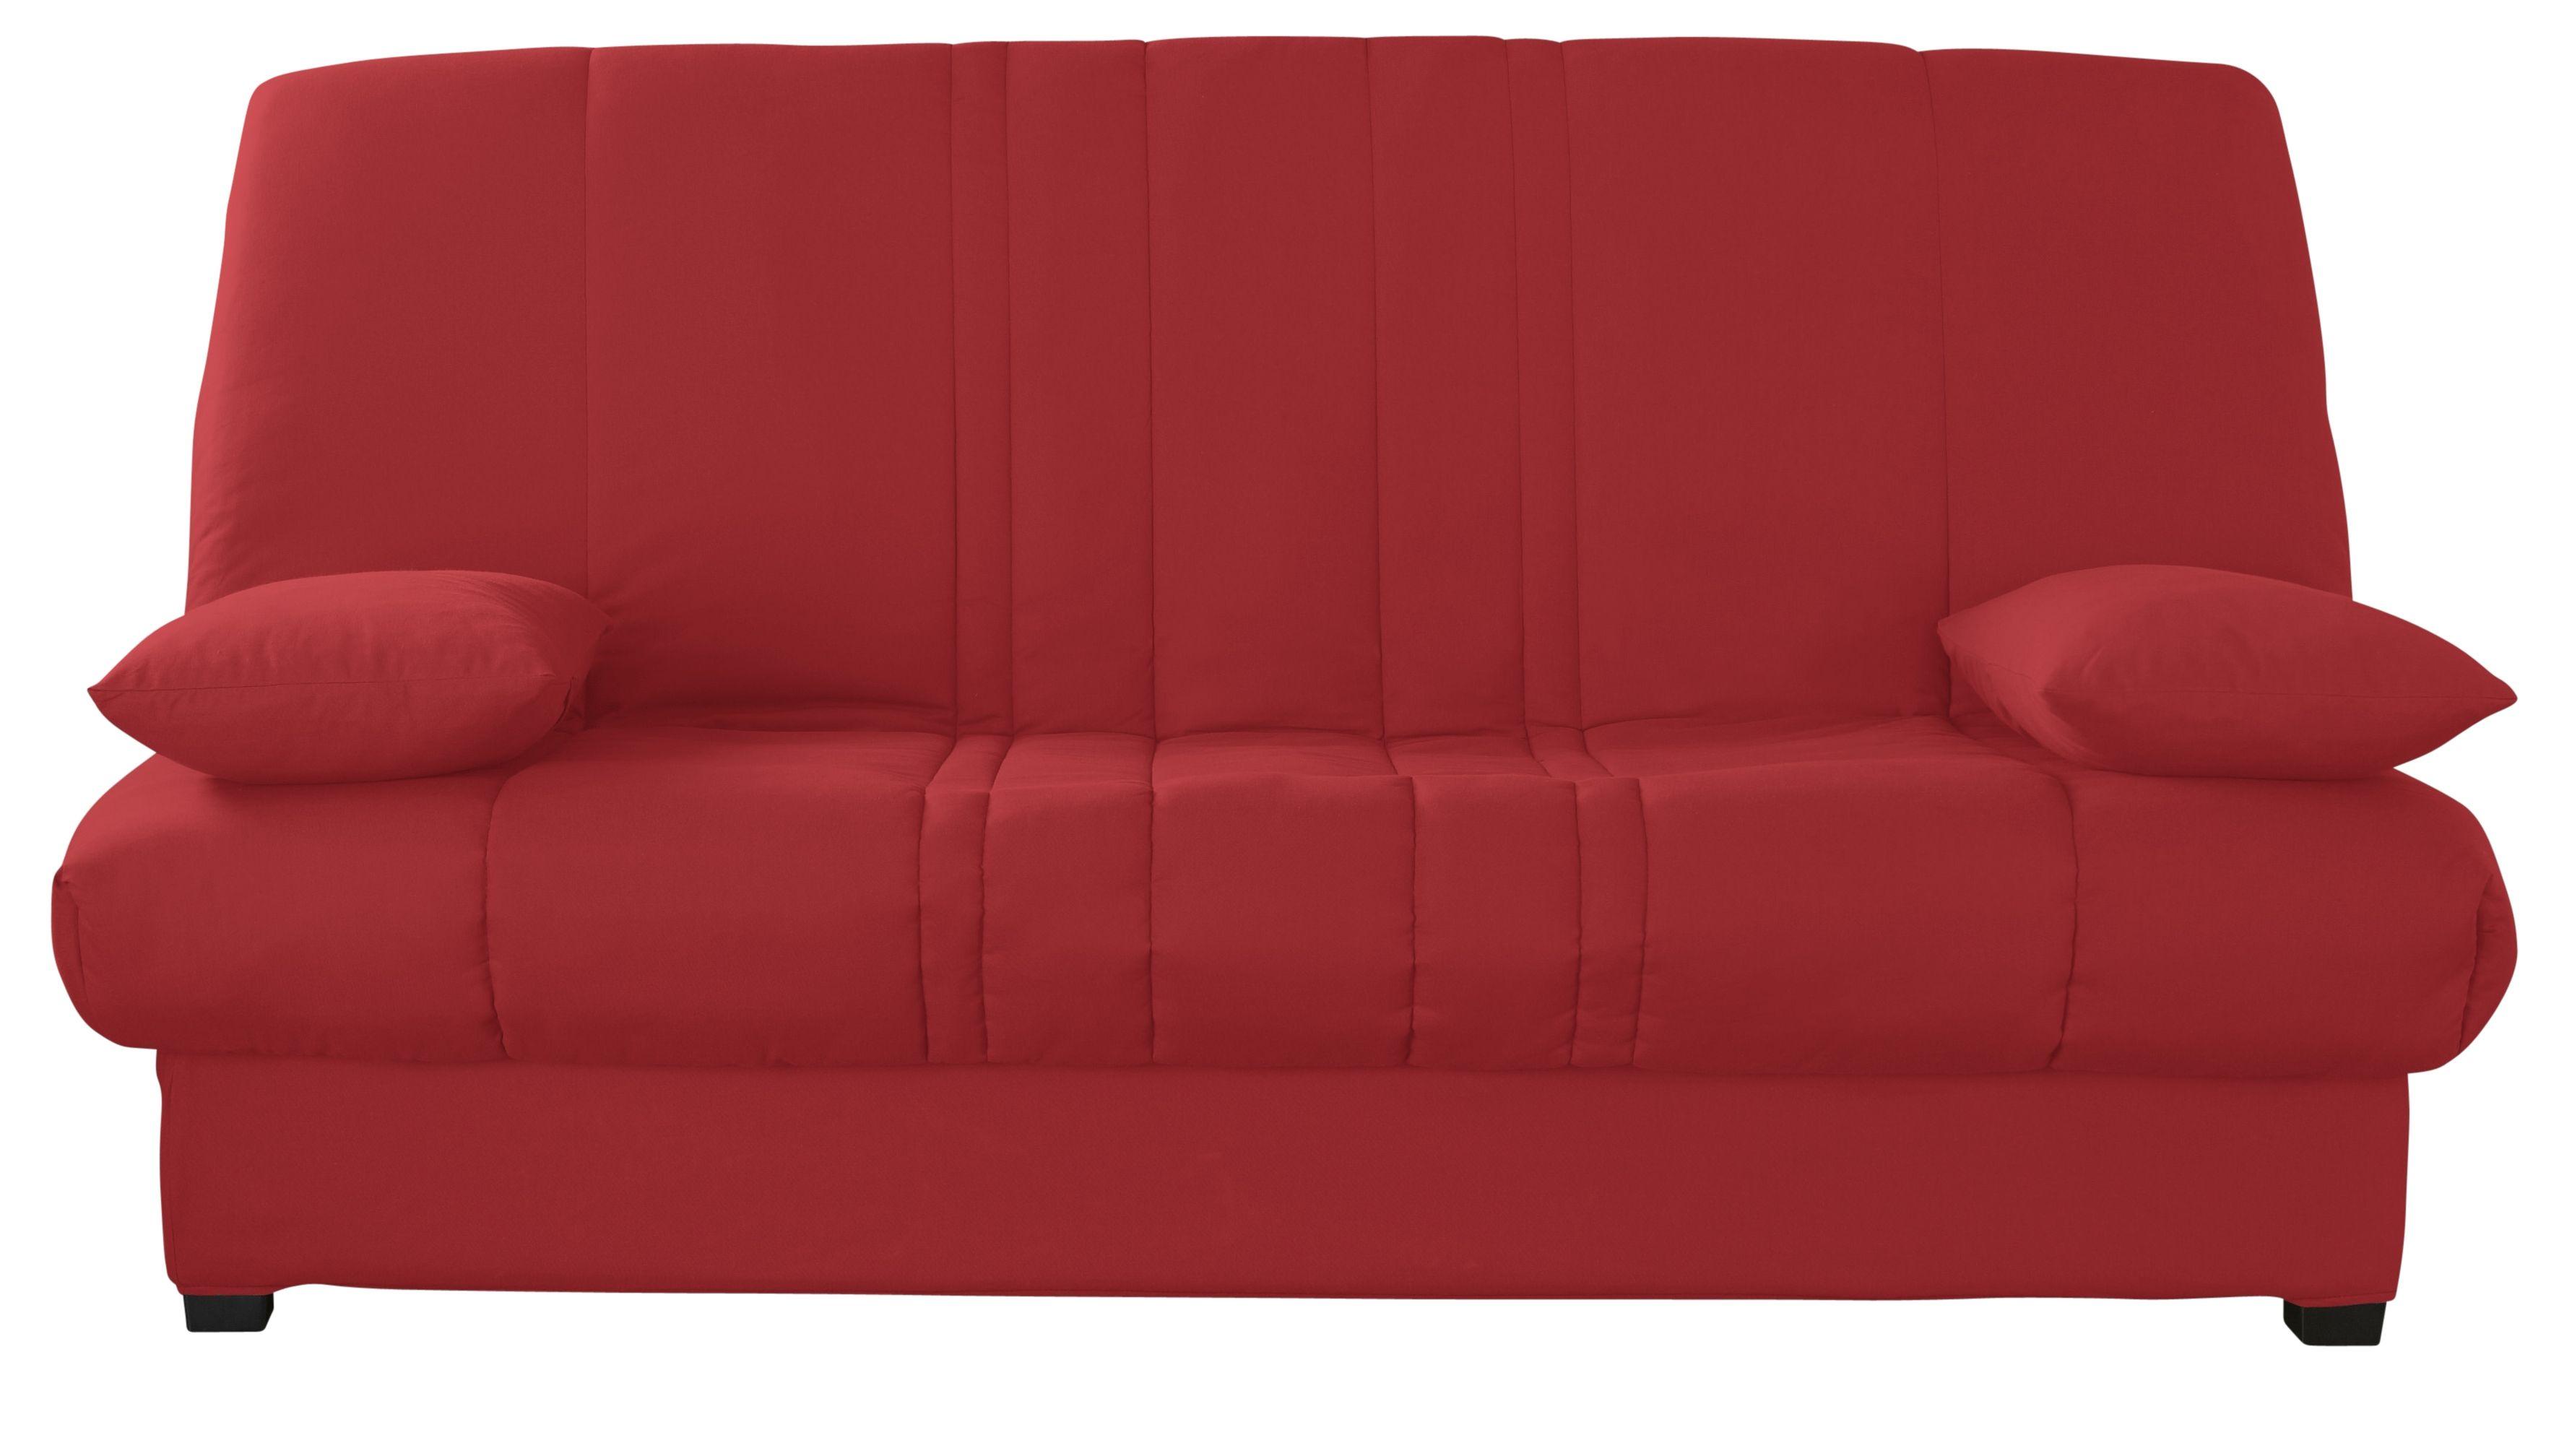 Clic Clac Tissu Rouge Ludine En 2020 Matelas En Mousse Tissu Rouge Matelas